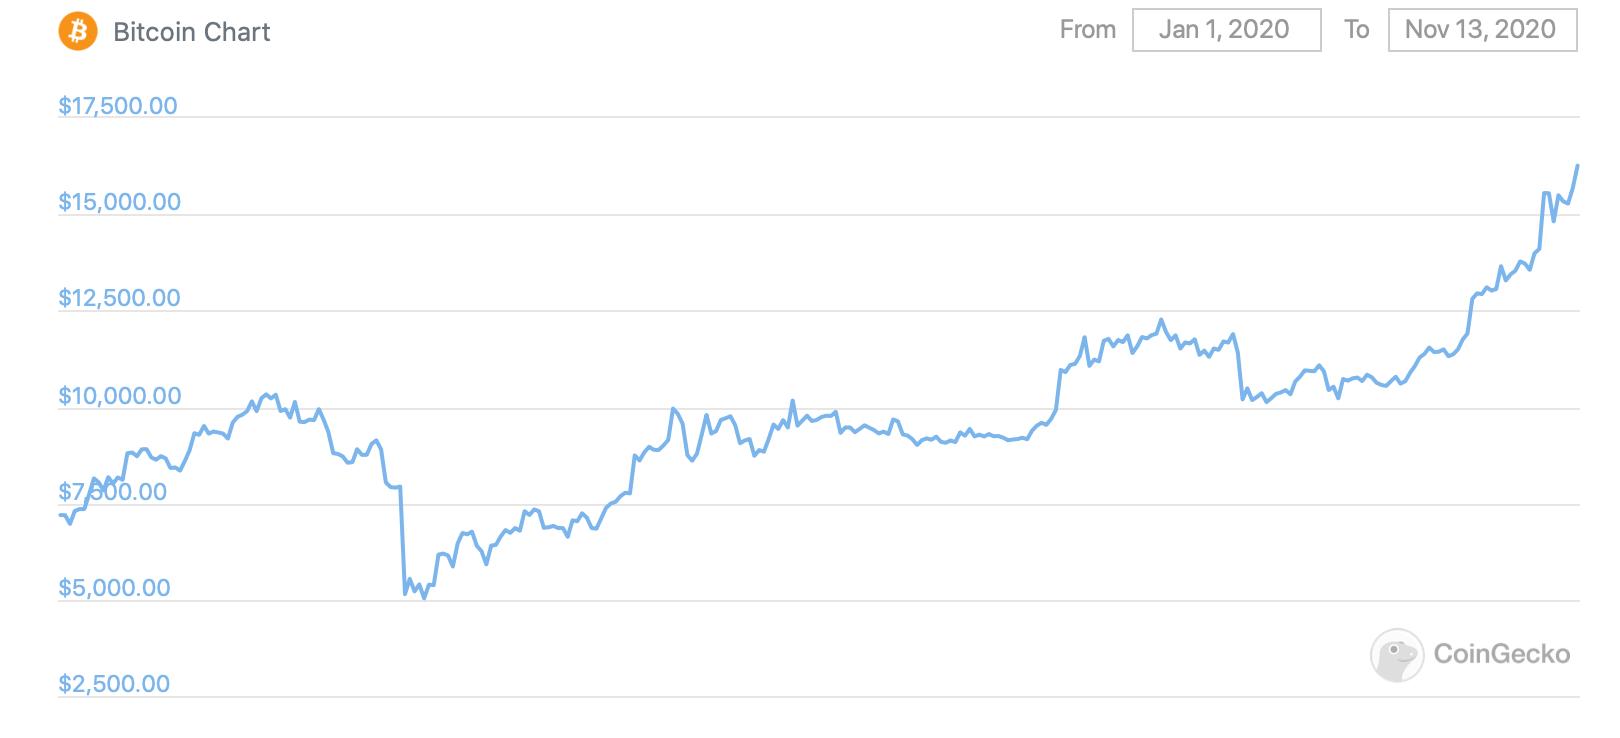 График Биткоина в 2020 году